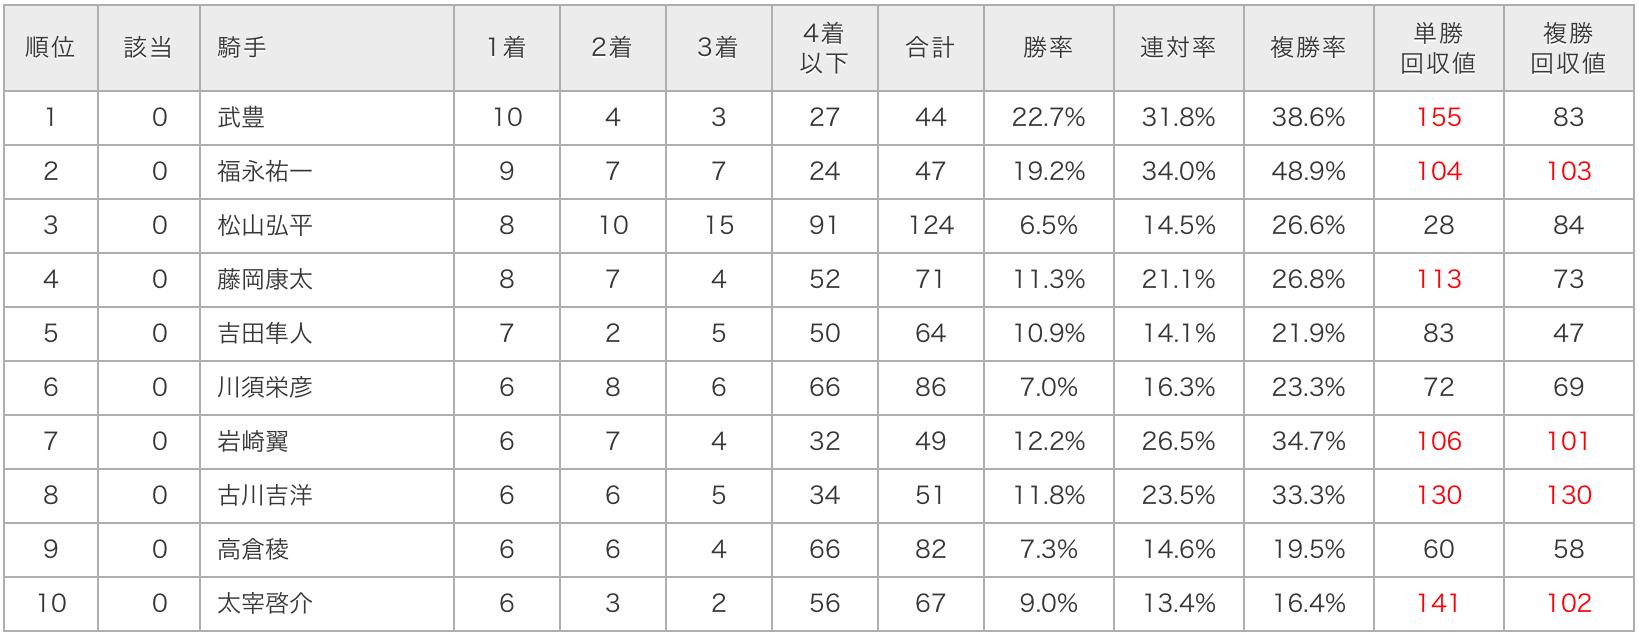 チャンピオンズカップデータ